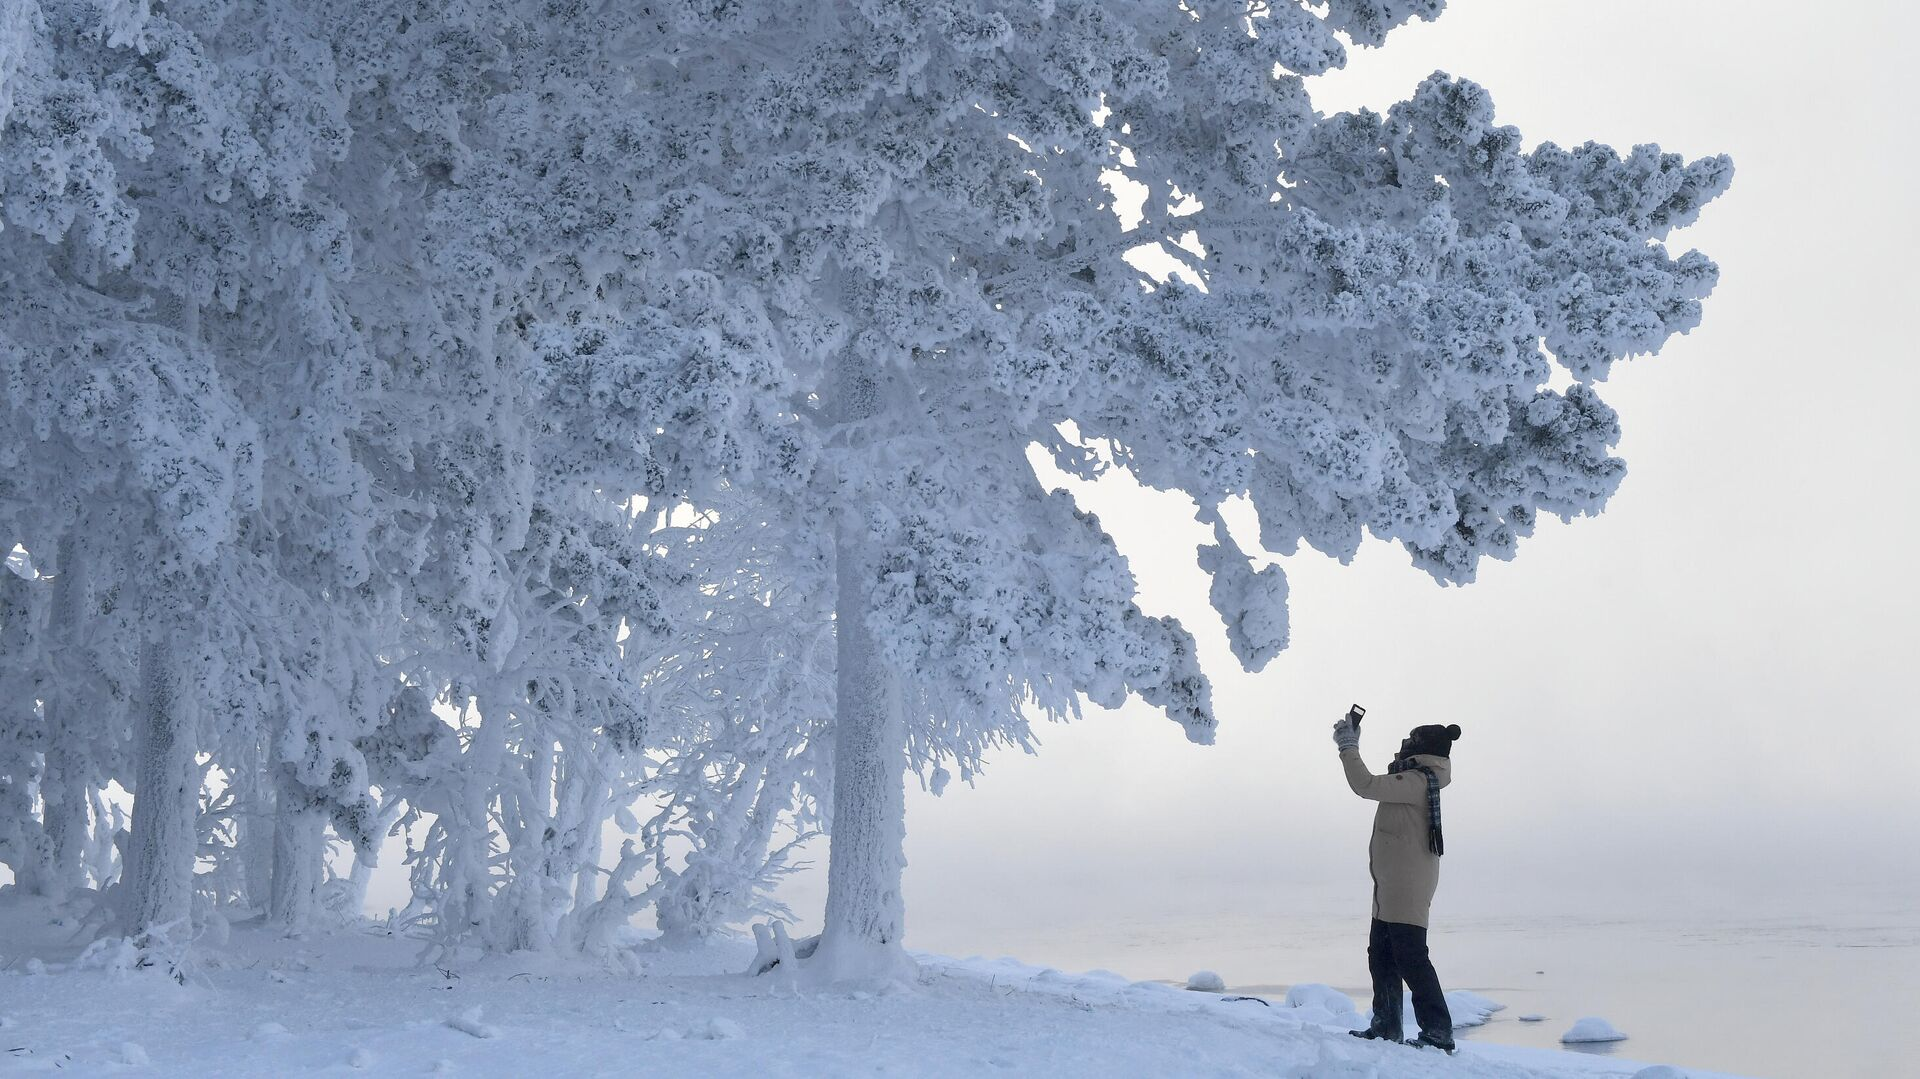 Женщина снимает на смартфон деревья в лесу на берегу Енисея в Красноярском крае в 30-градусный мороз - РИА Новости, 1920, 03.10.2021